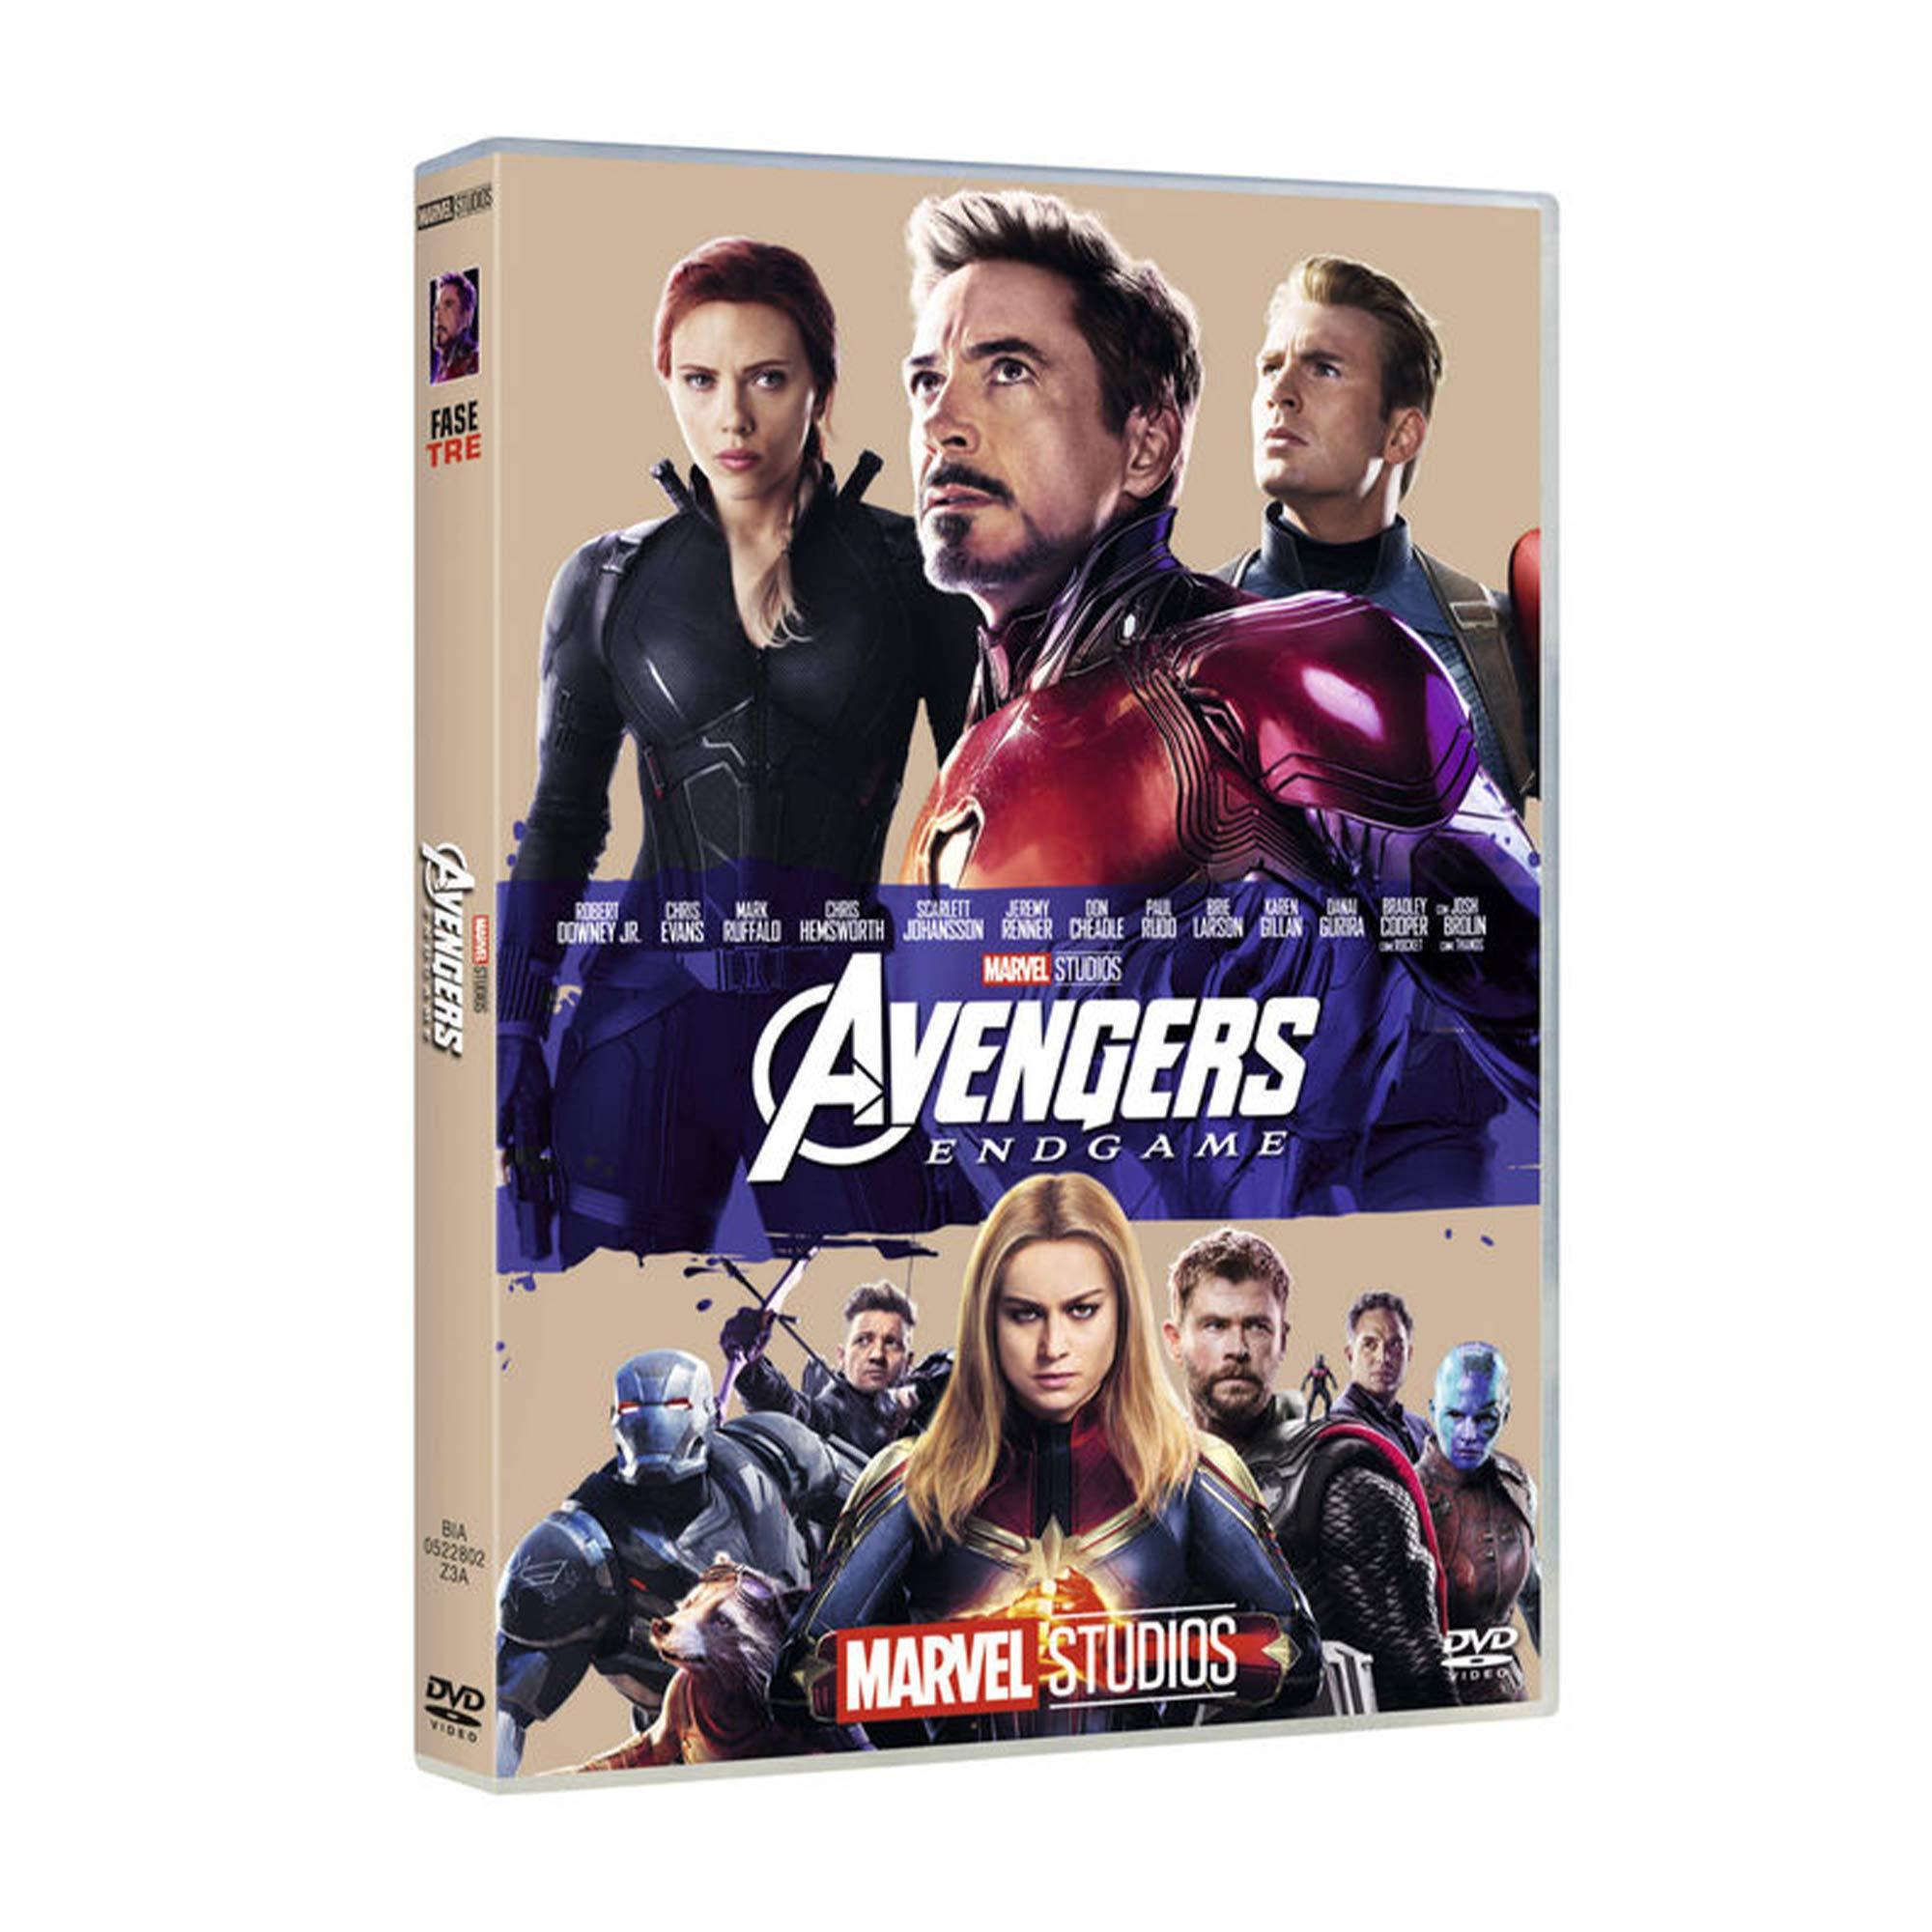 AVENGERS - ENDGAME (10 ANNIVERSARIO) (DVD)